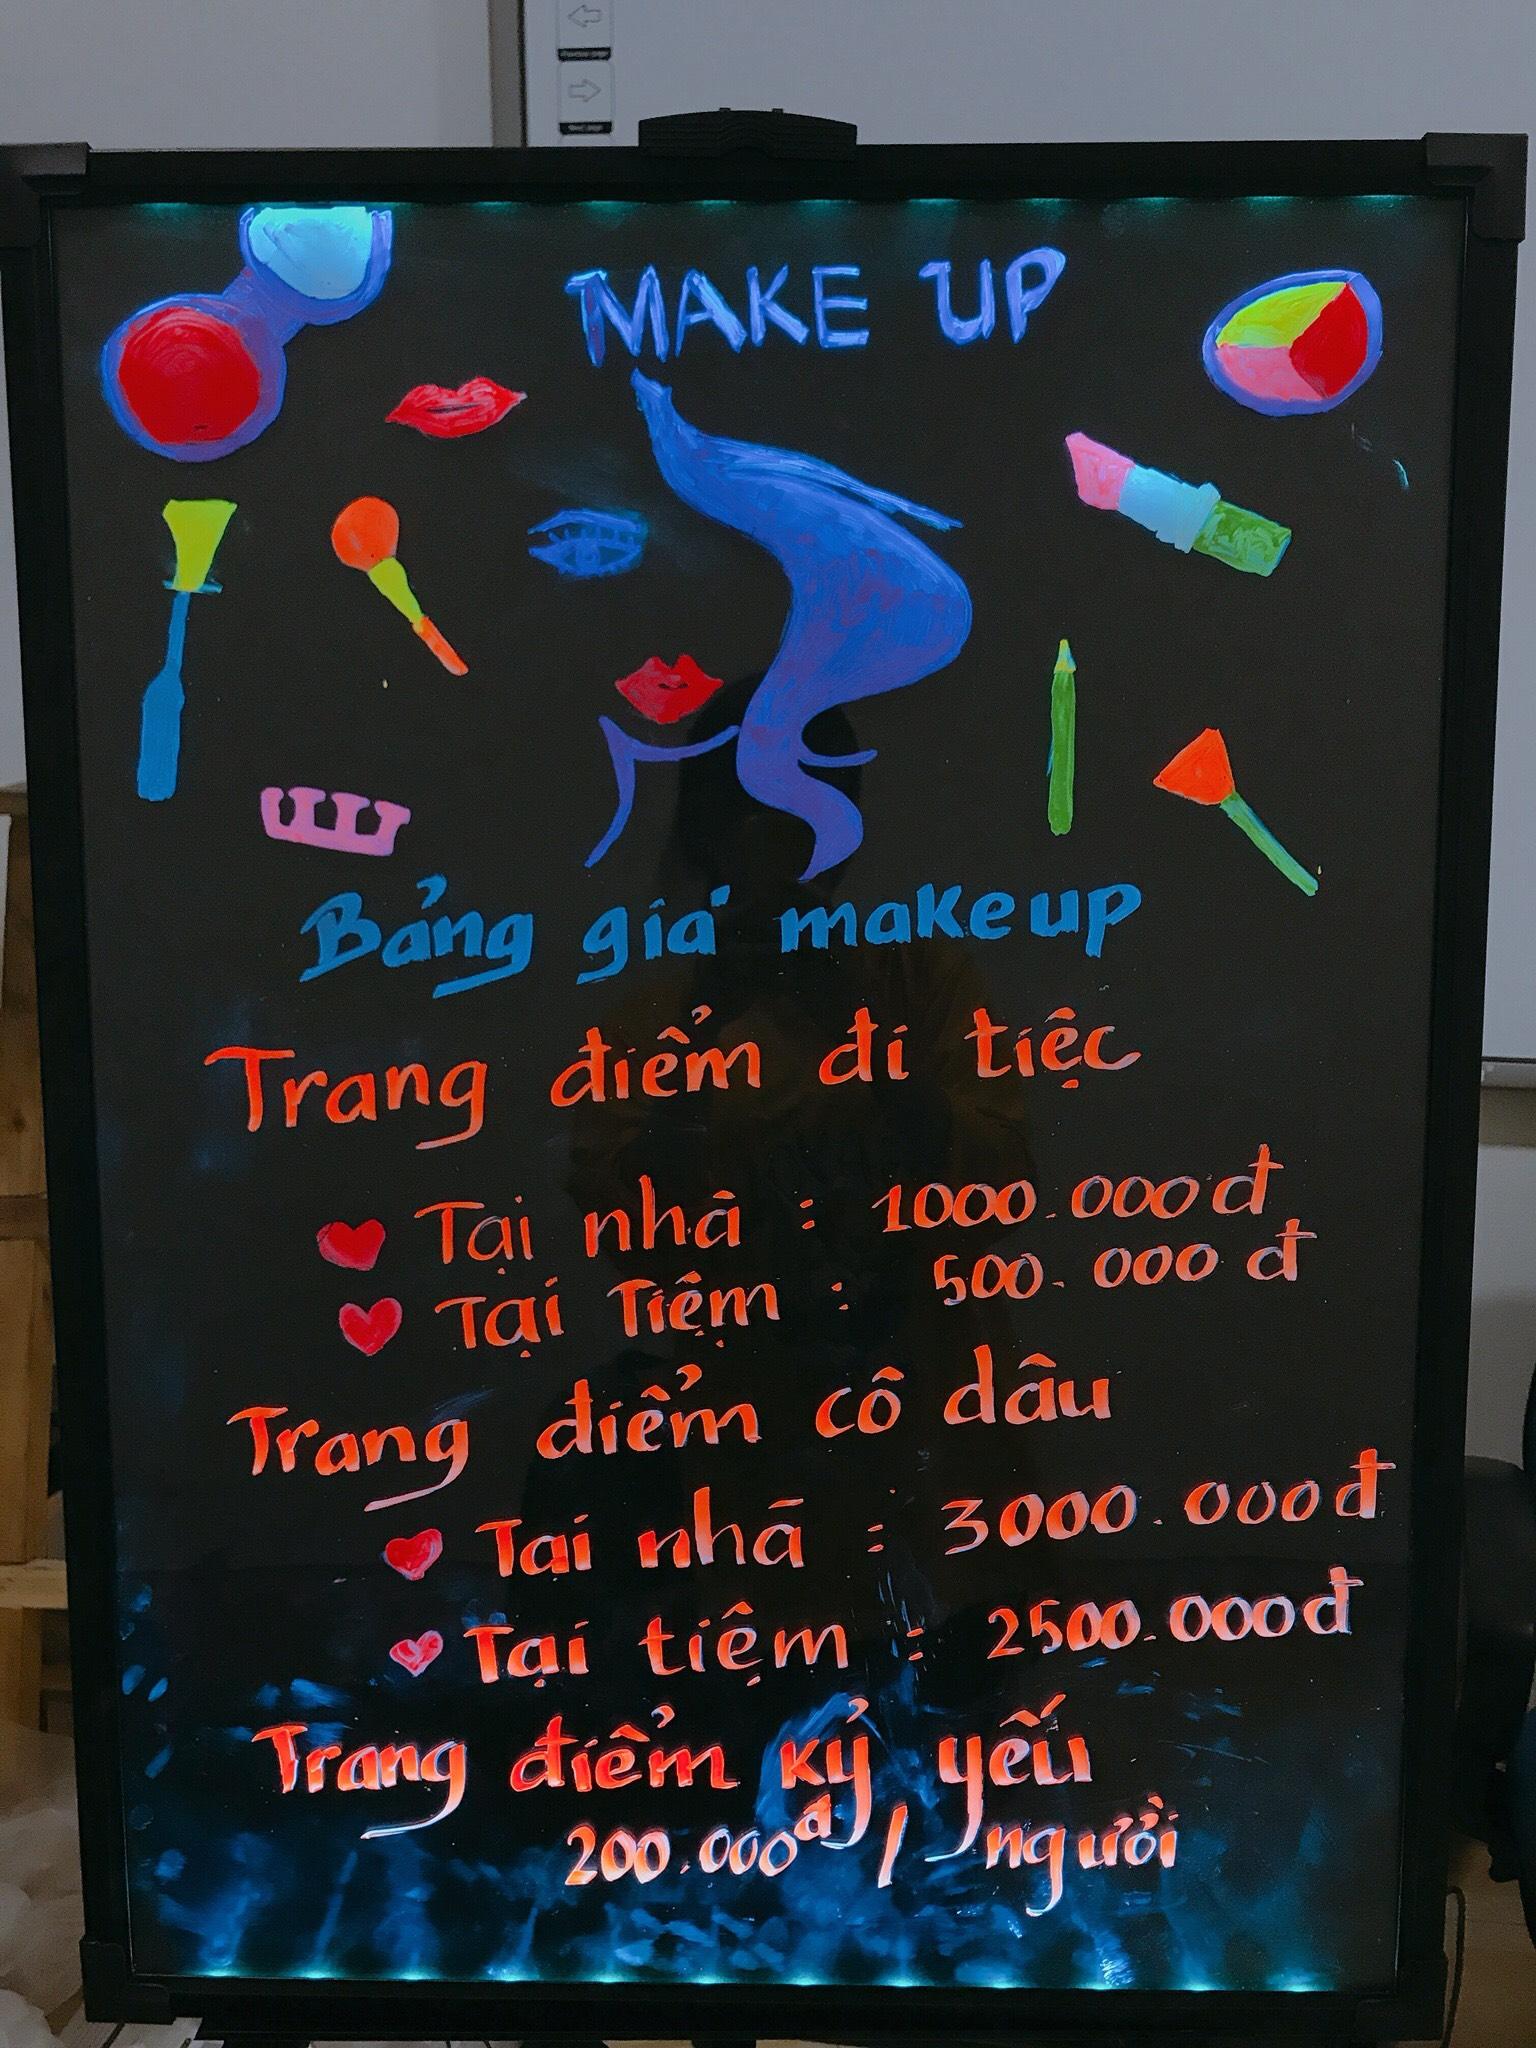 Bảng dạ quang quảng cáo tiệm makeup